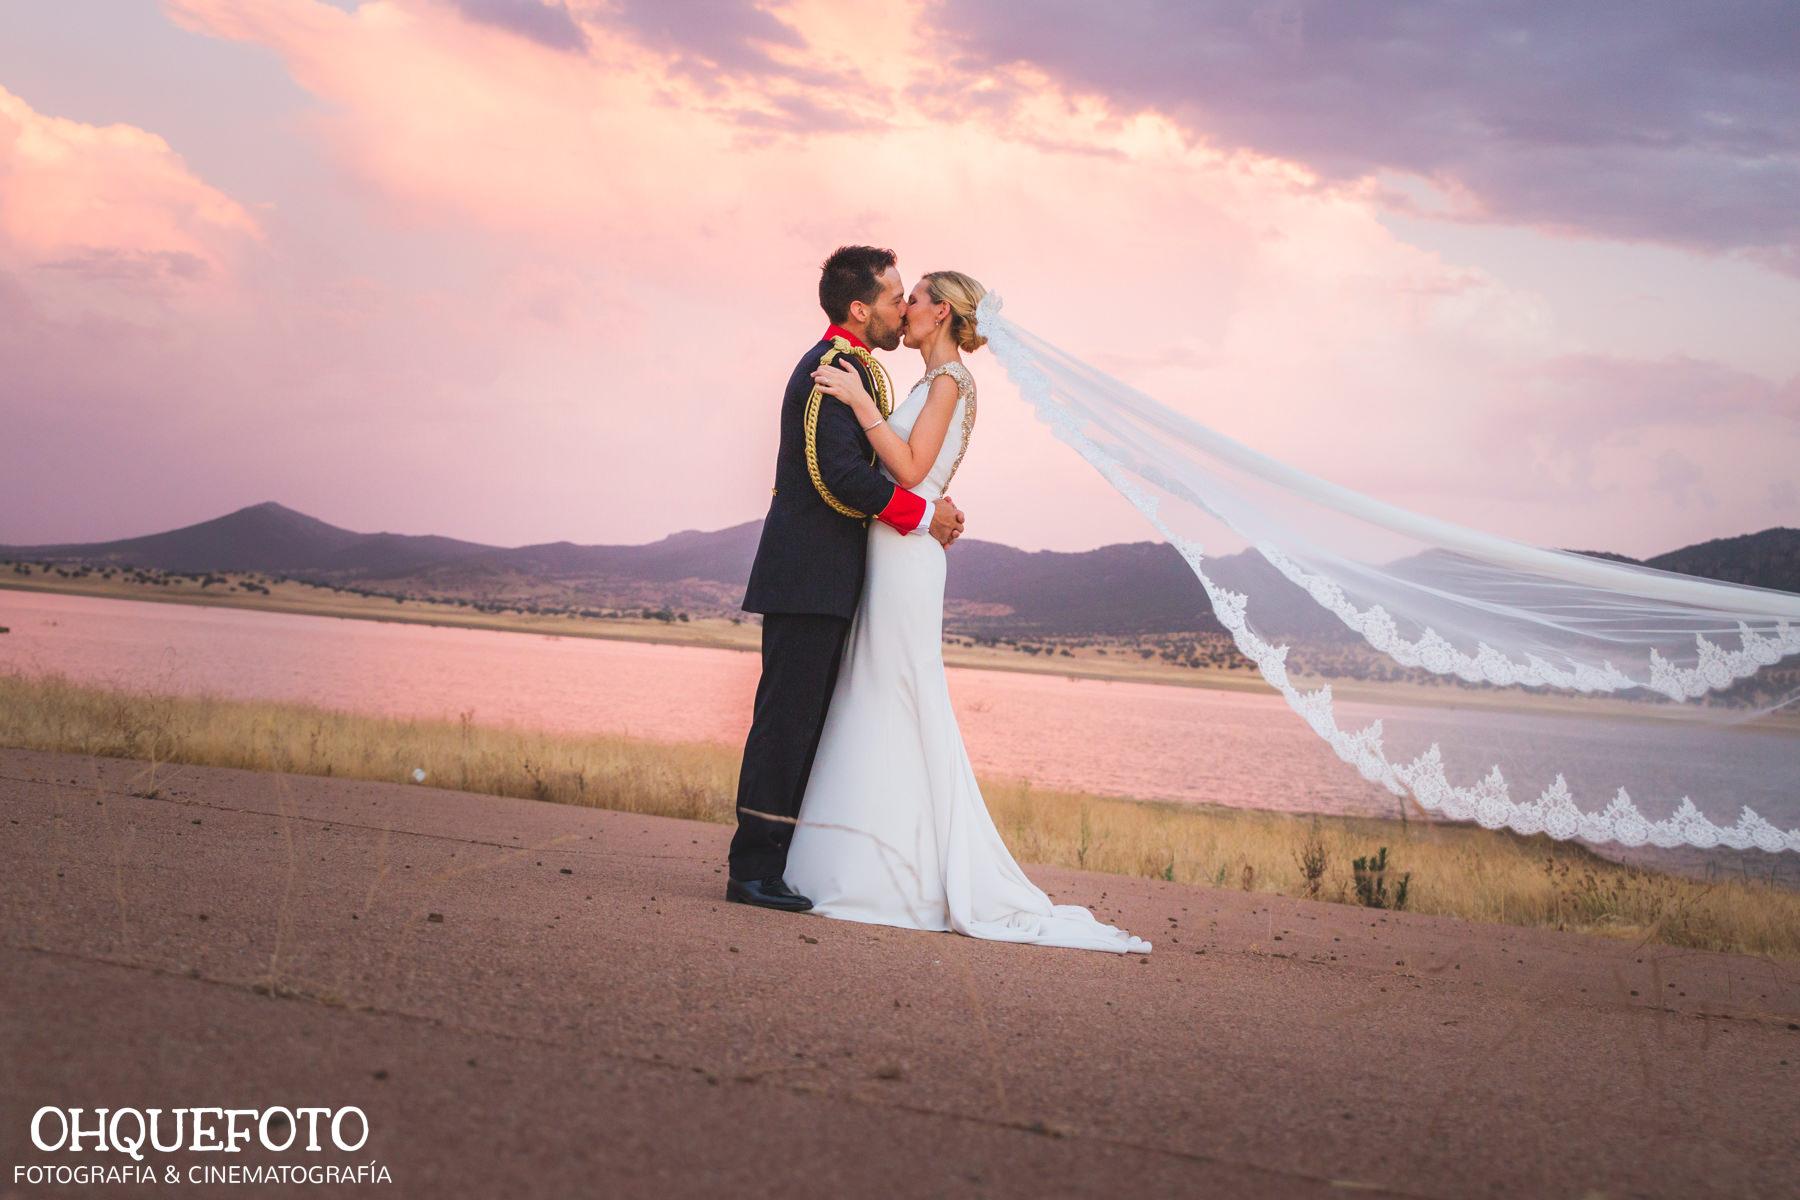 boda en la peraleda boda en cabeza del buey boda en capilla reportaje de bodas en almaden video de bodas en cordoba473 - Jose y Gema - Boda en Zarza Capilla y la Finca La Peraleda (Chillón)